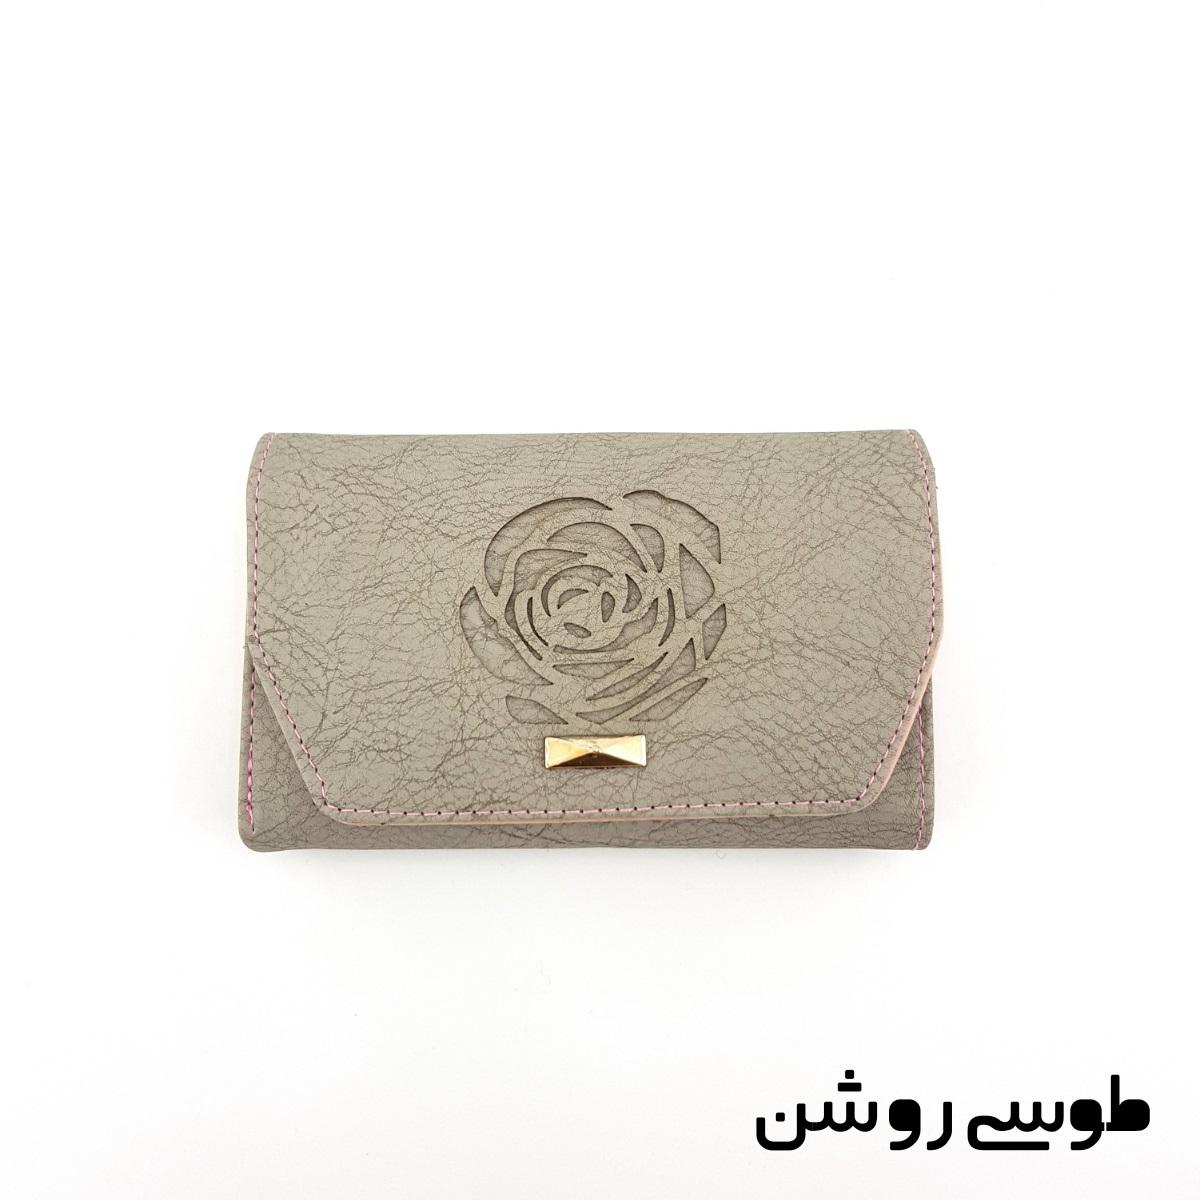 کیف پول زنانه طرح گل رز -  - 15